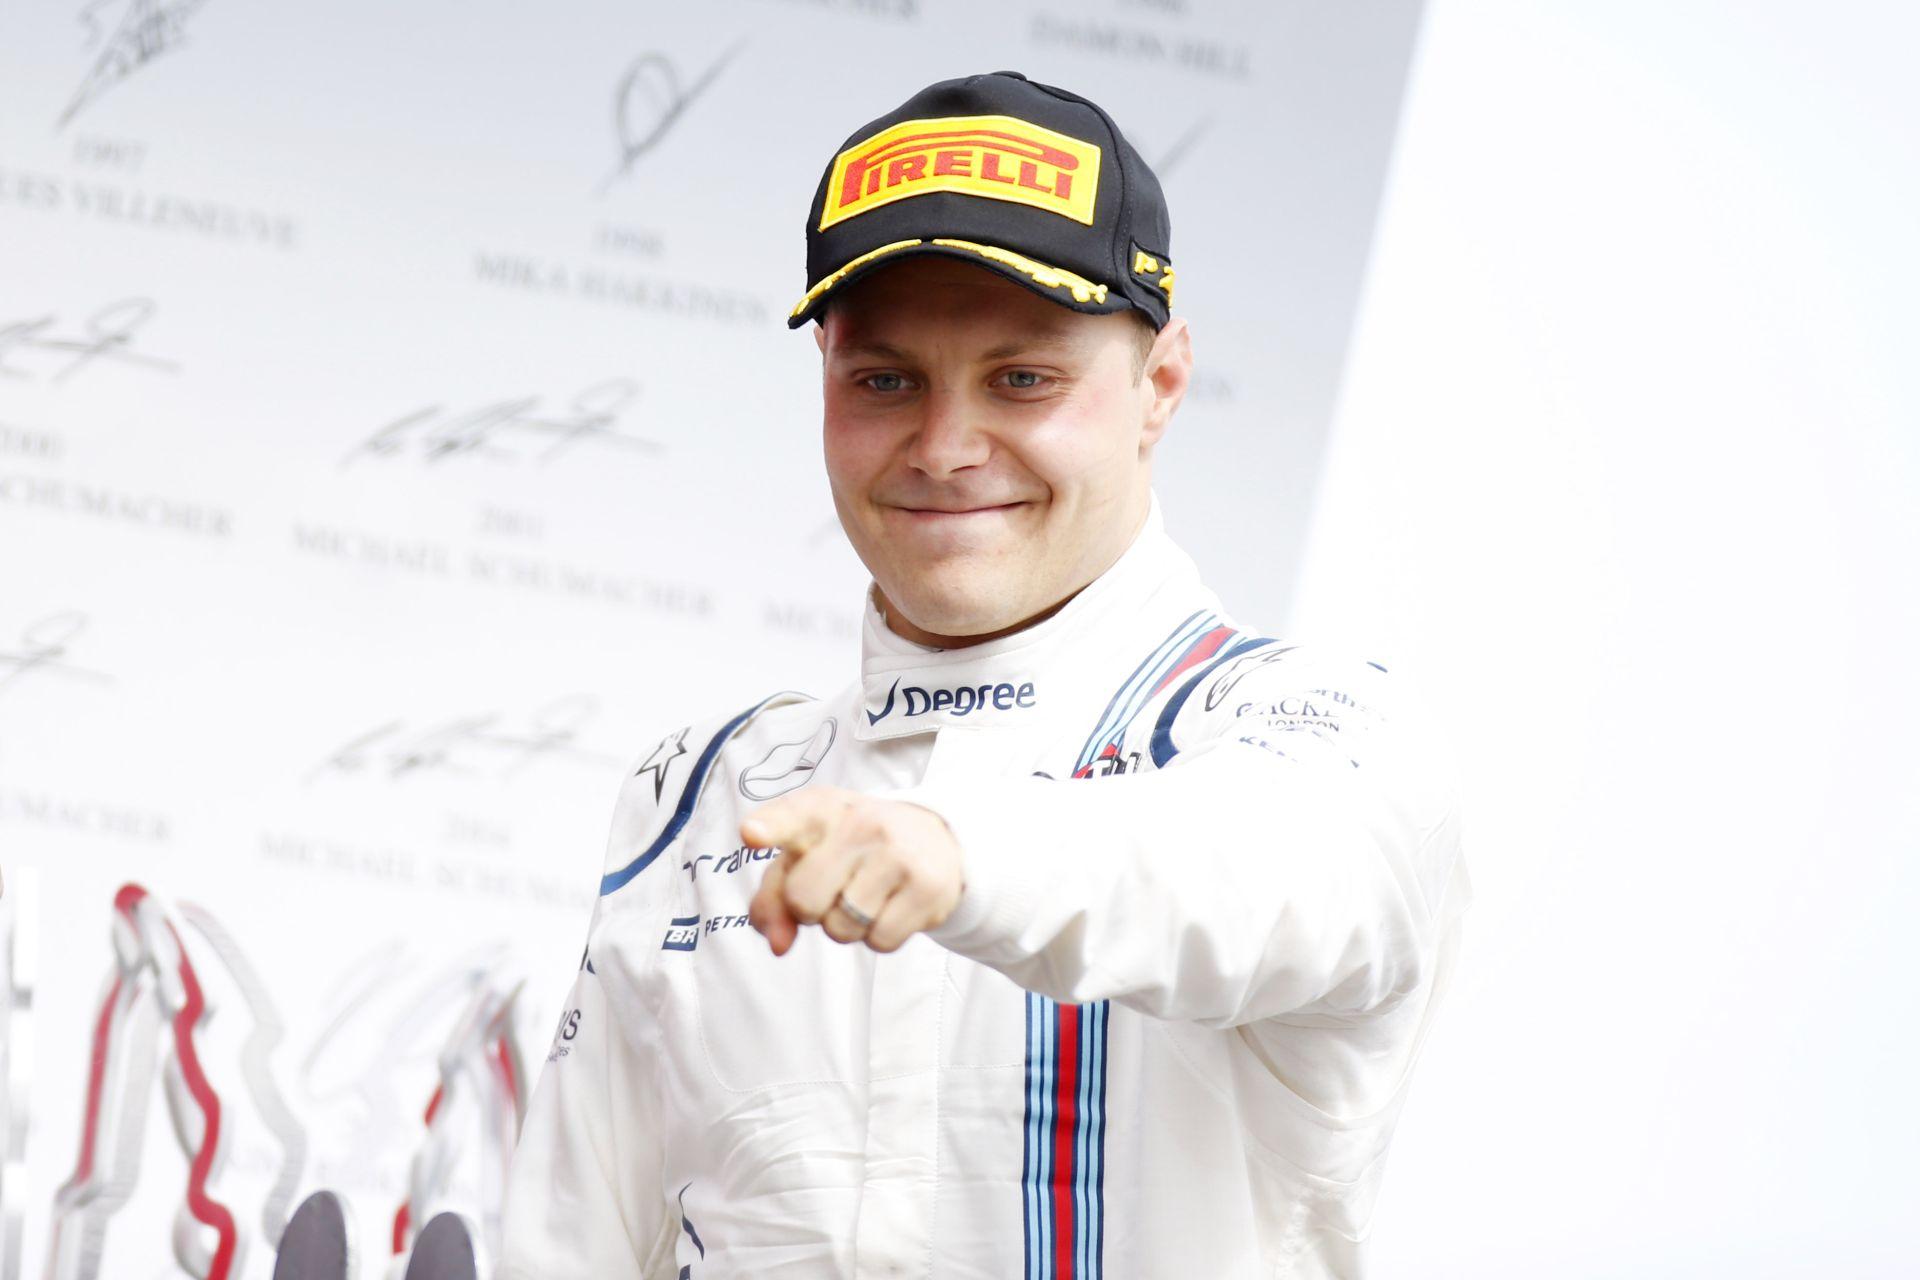 Massa úgy tudja, hogy Bottas nem szerződhet a Ferrarihoz